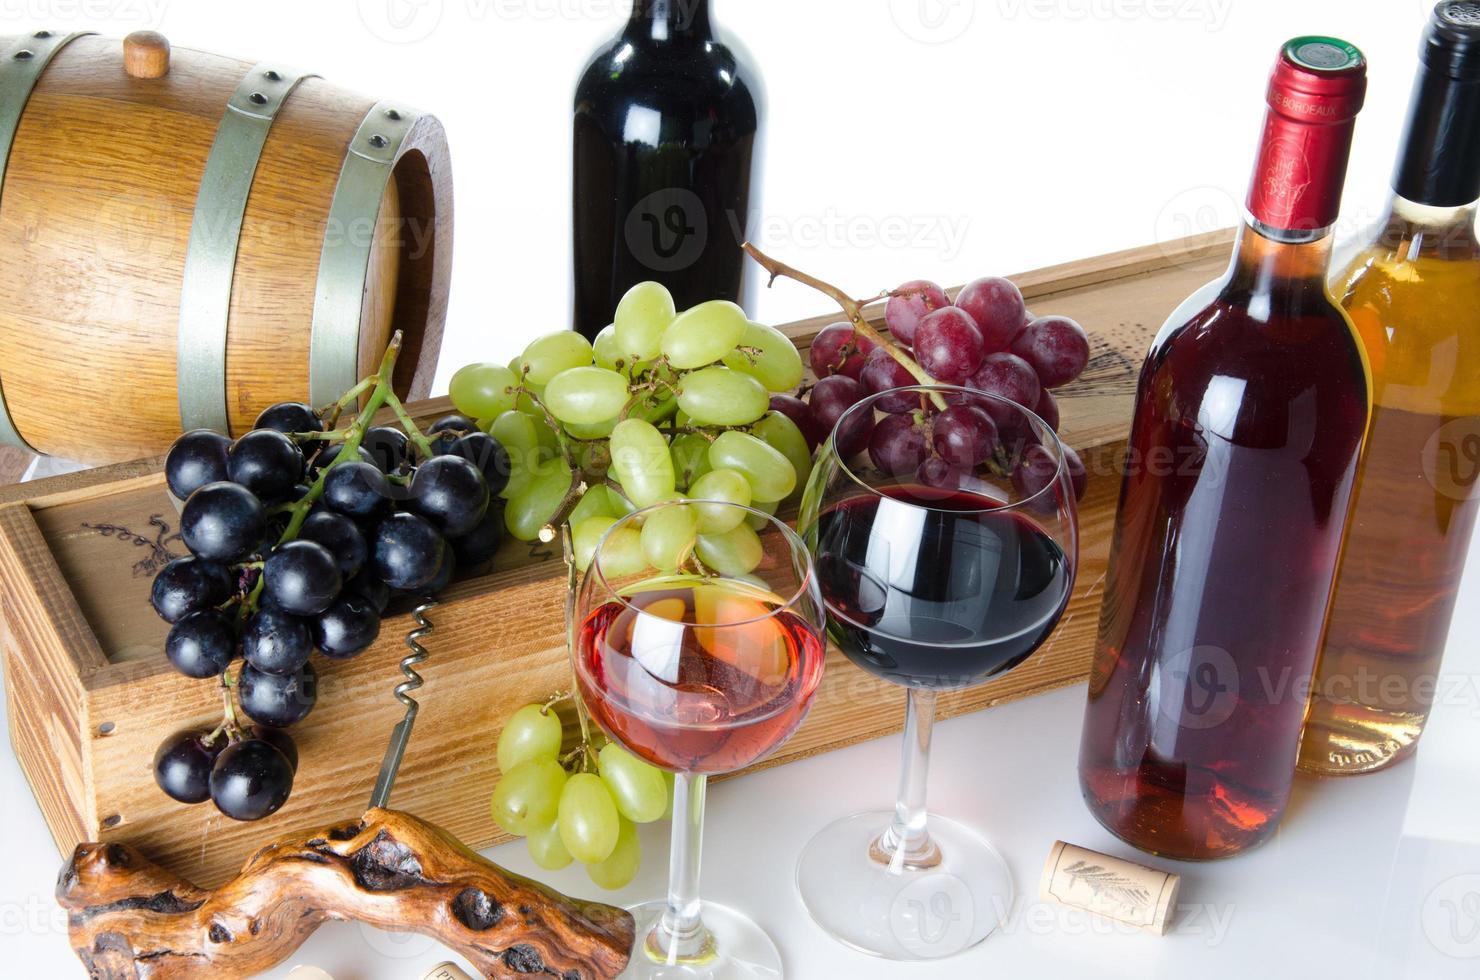 composition avec verres, bouteilles de vin et raisins photo